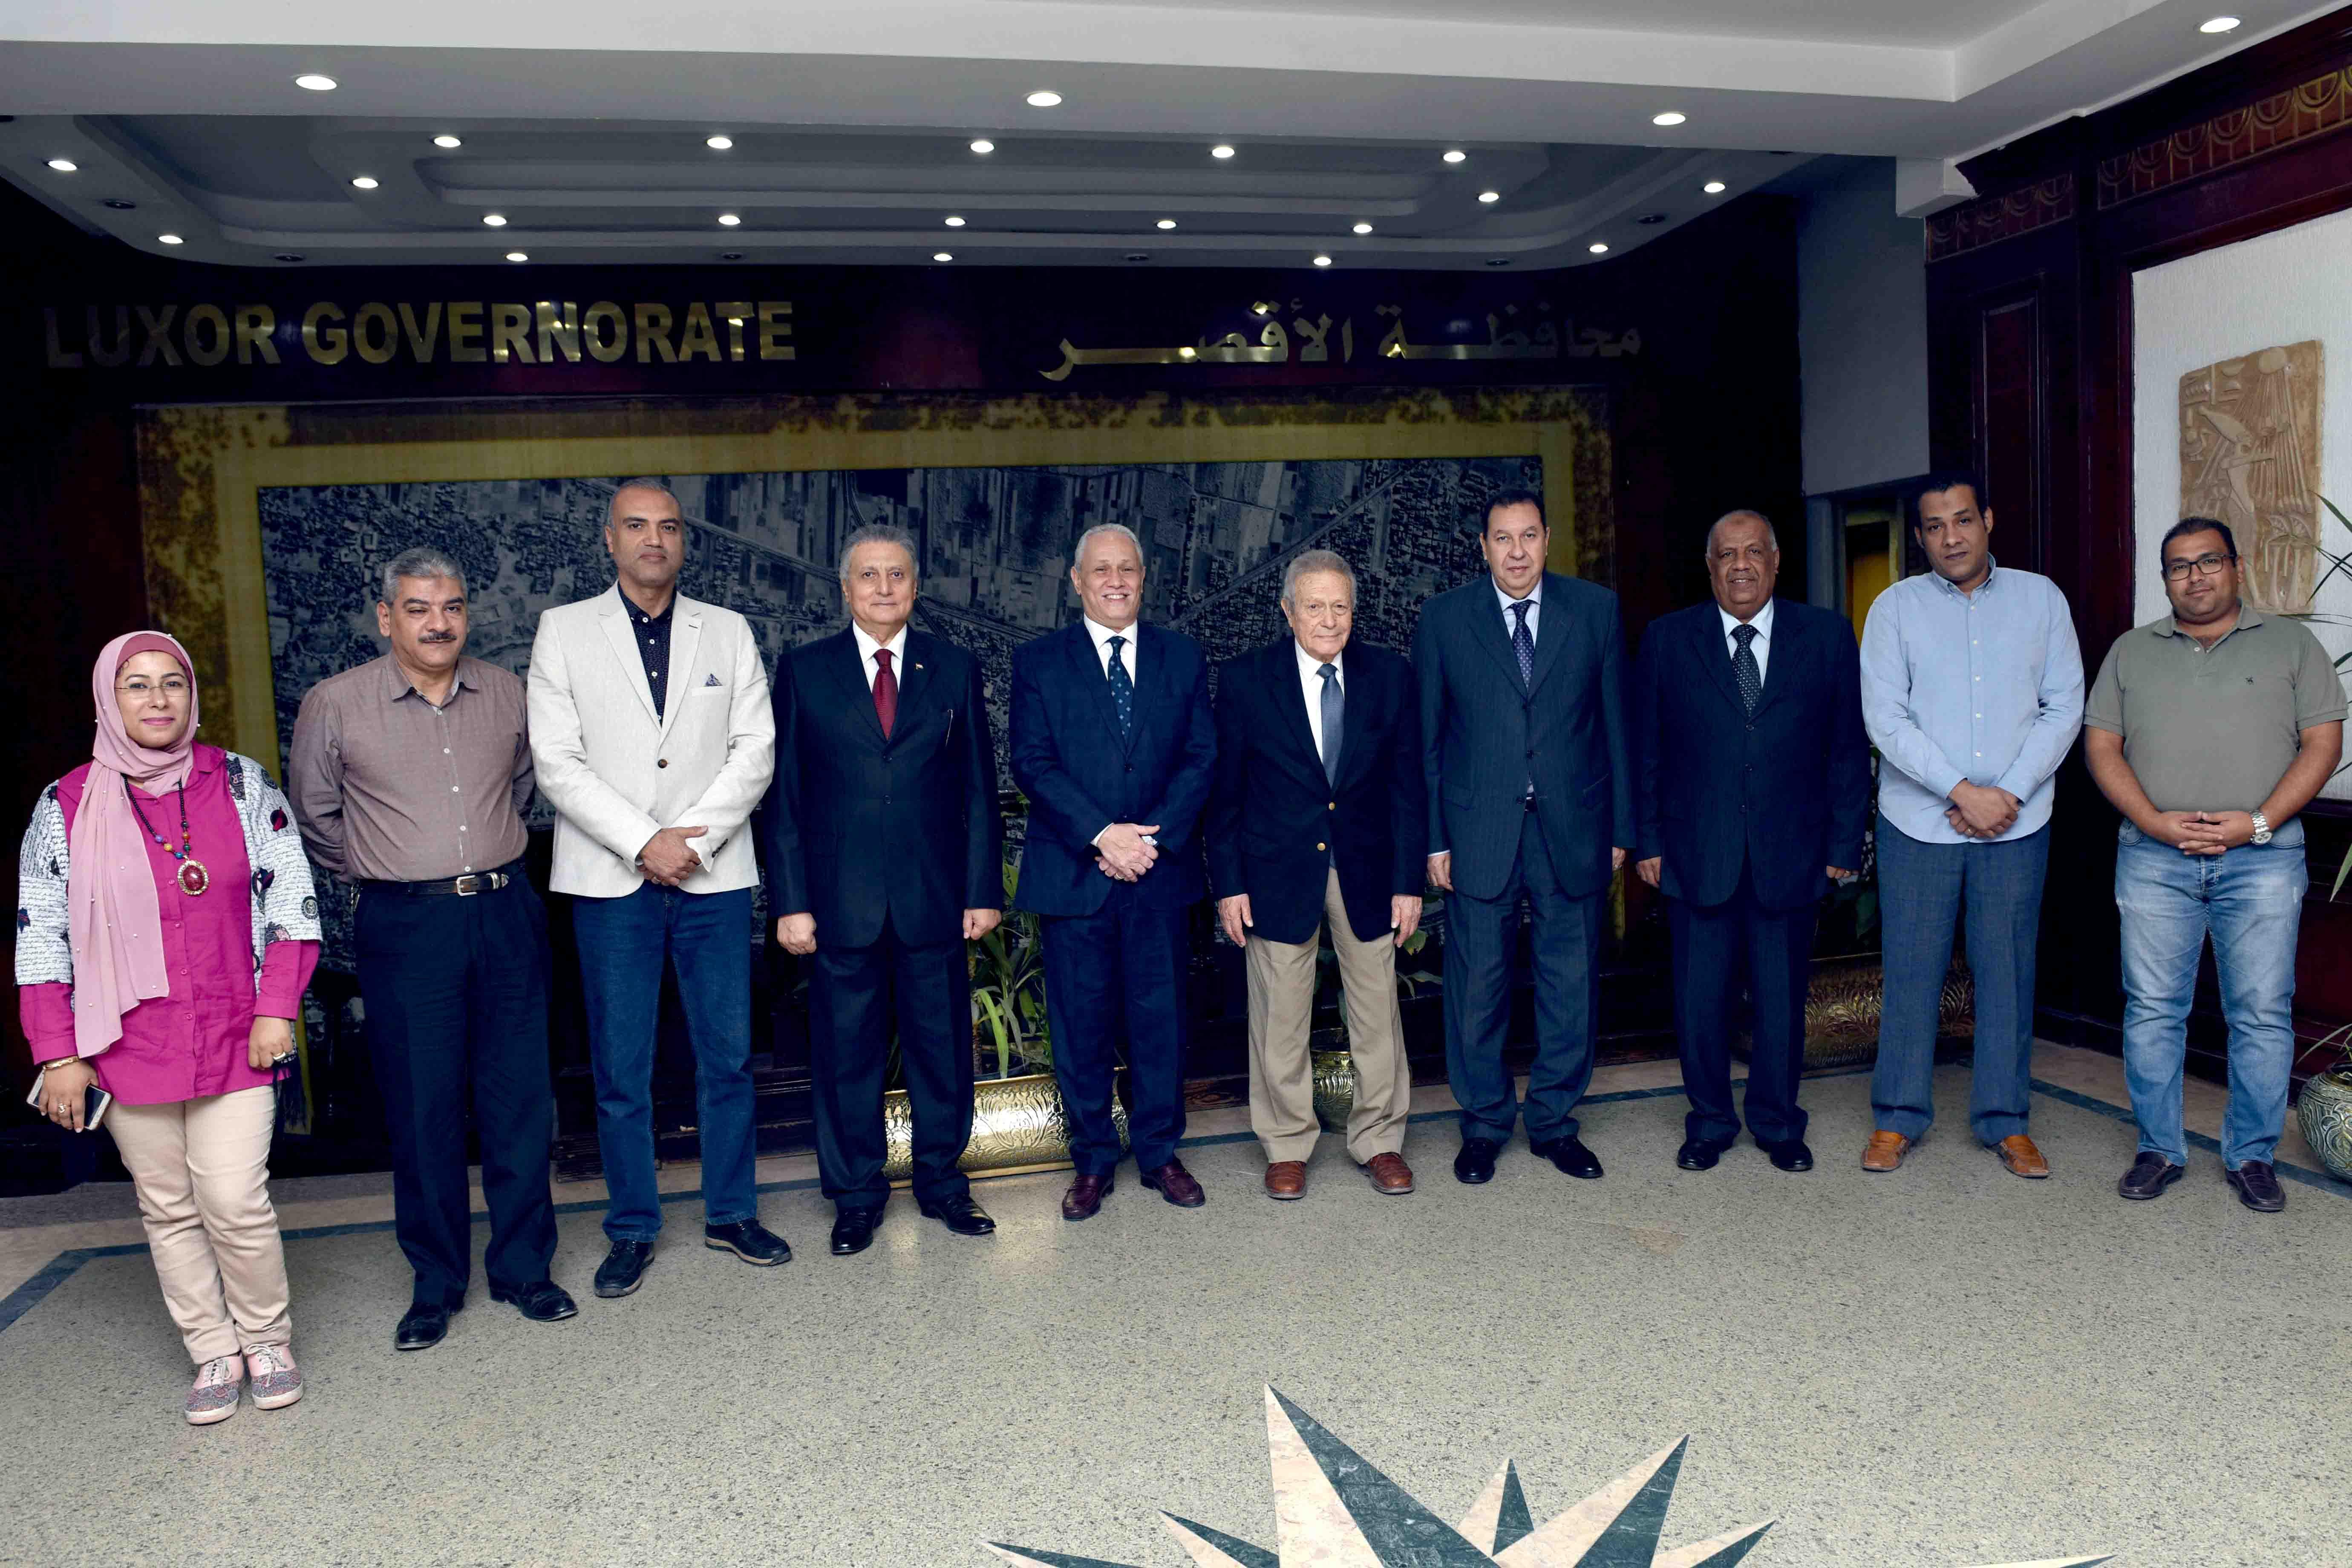 محافظ الأقصر يلتقي بمجلس إدارة مكتبات مصر لبحث إفتتاح مكتبة جديدة بمدينة طيبة (3)